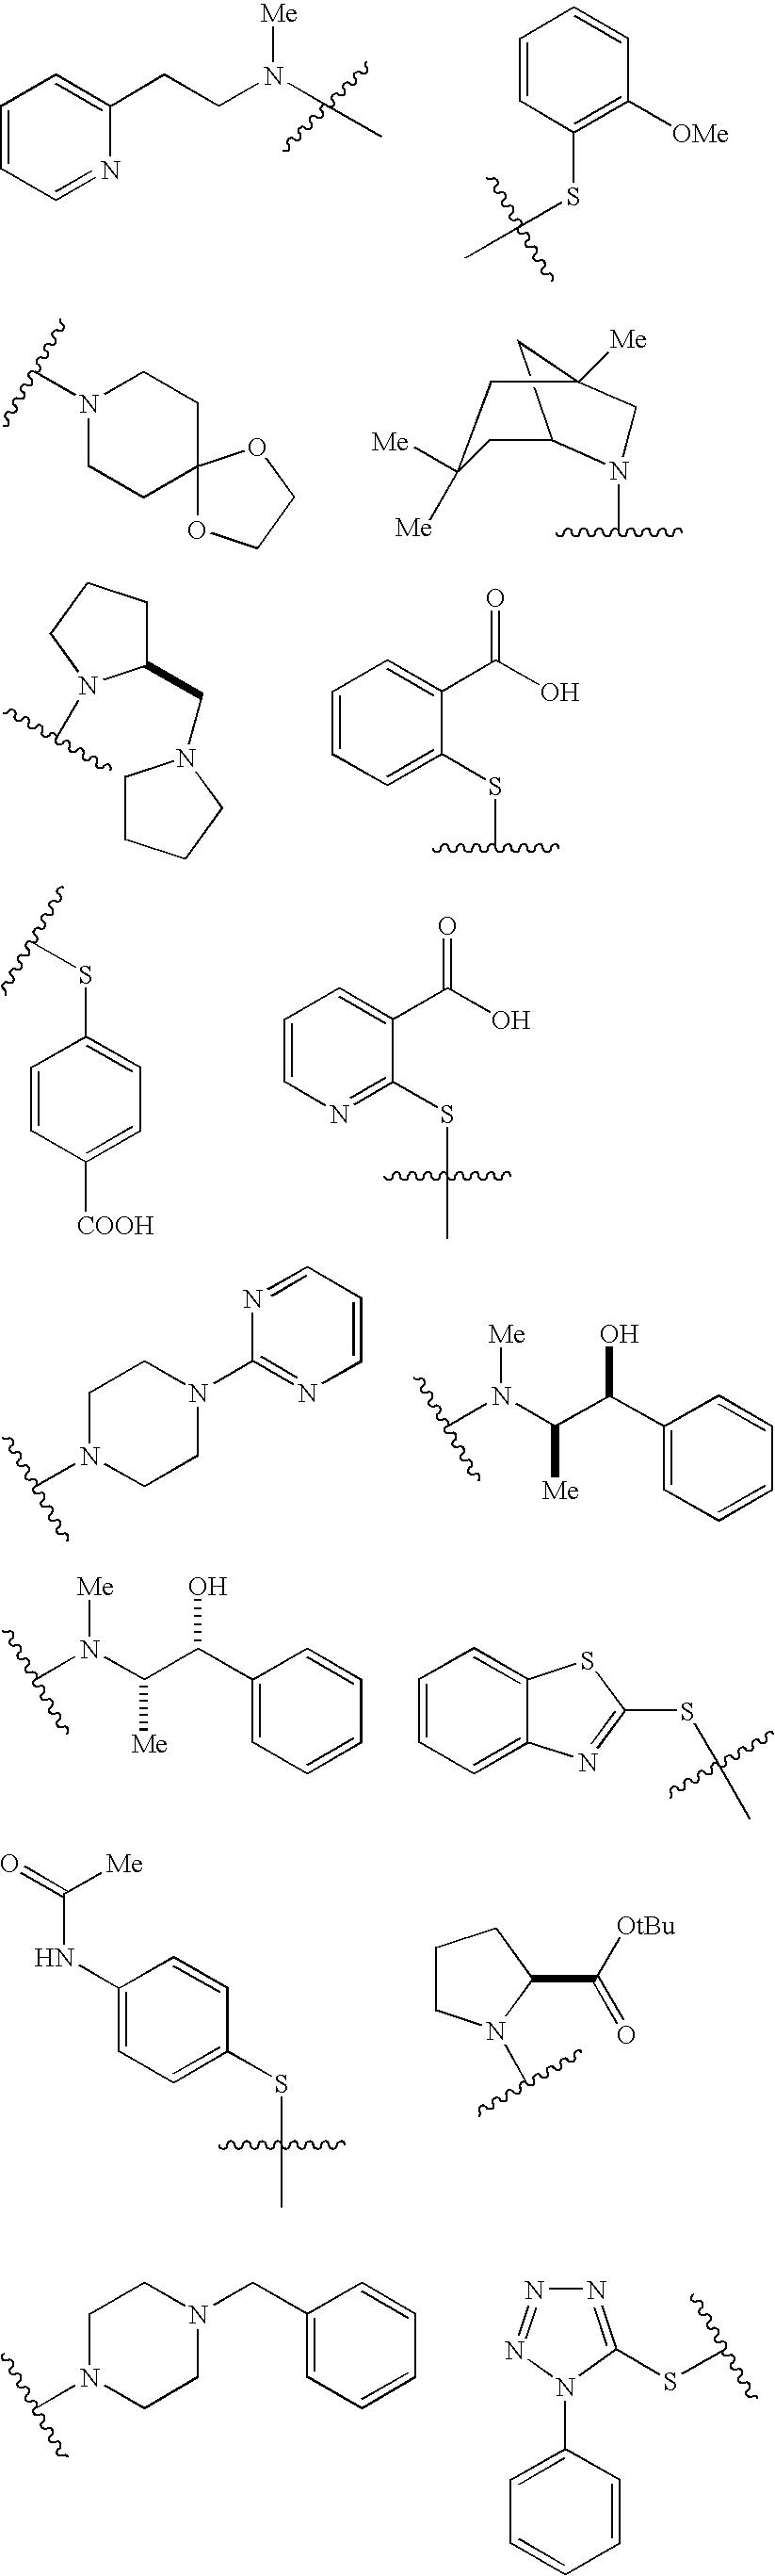 Figure US20040072849A1-20040415-C00036